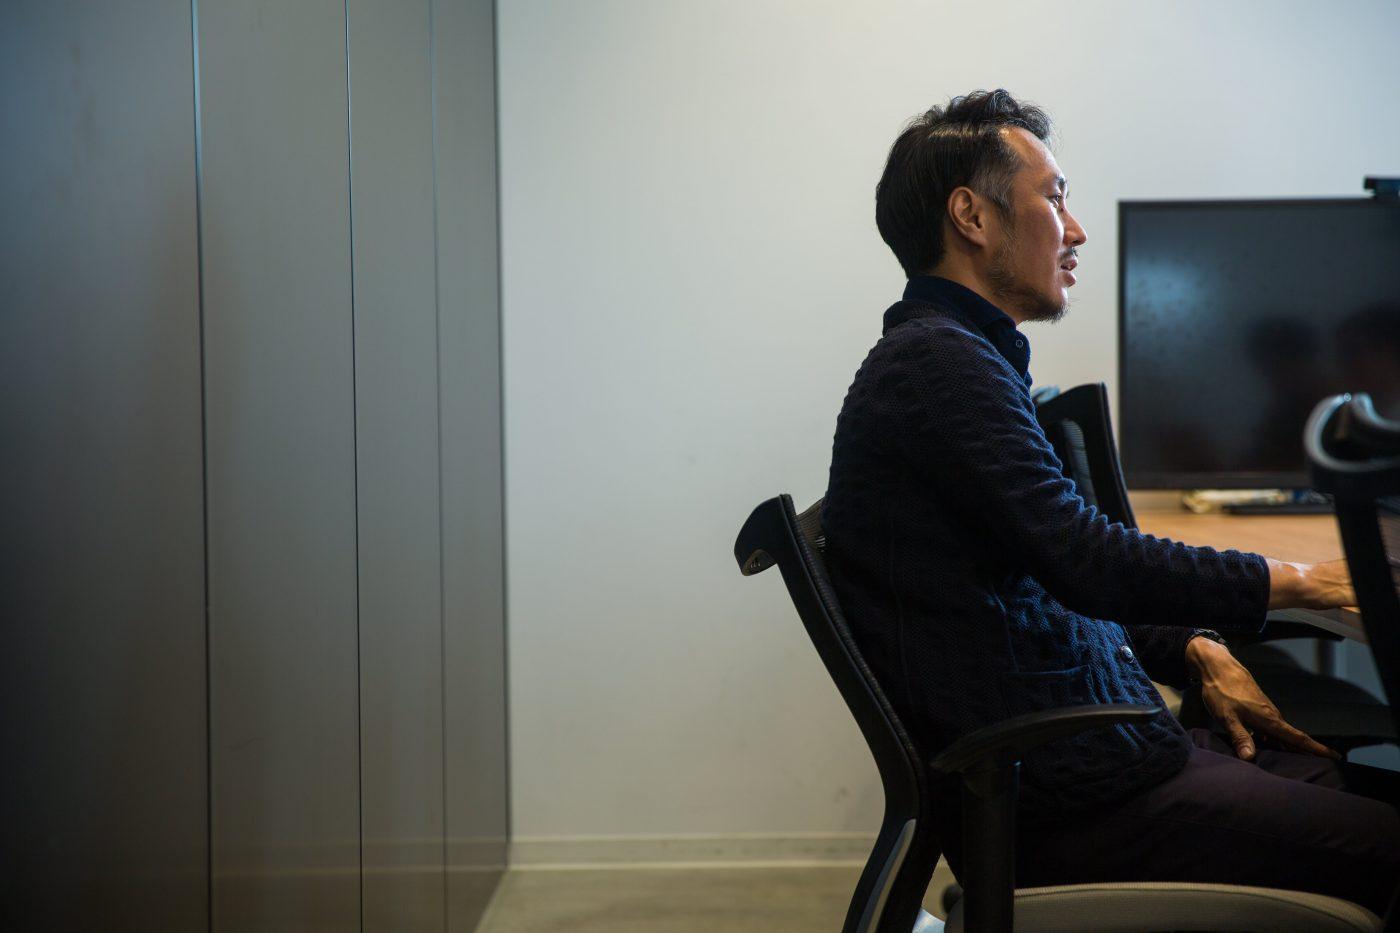 アイスタイルの退職は、決して王道の選択肢ではない。経営者として上場まで導いた企業を退職してまでオープンエイトを設立したのは、いったいなぜだろうか。髙松氏に問いかけてみた。